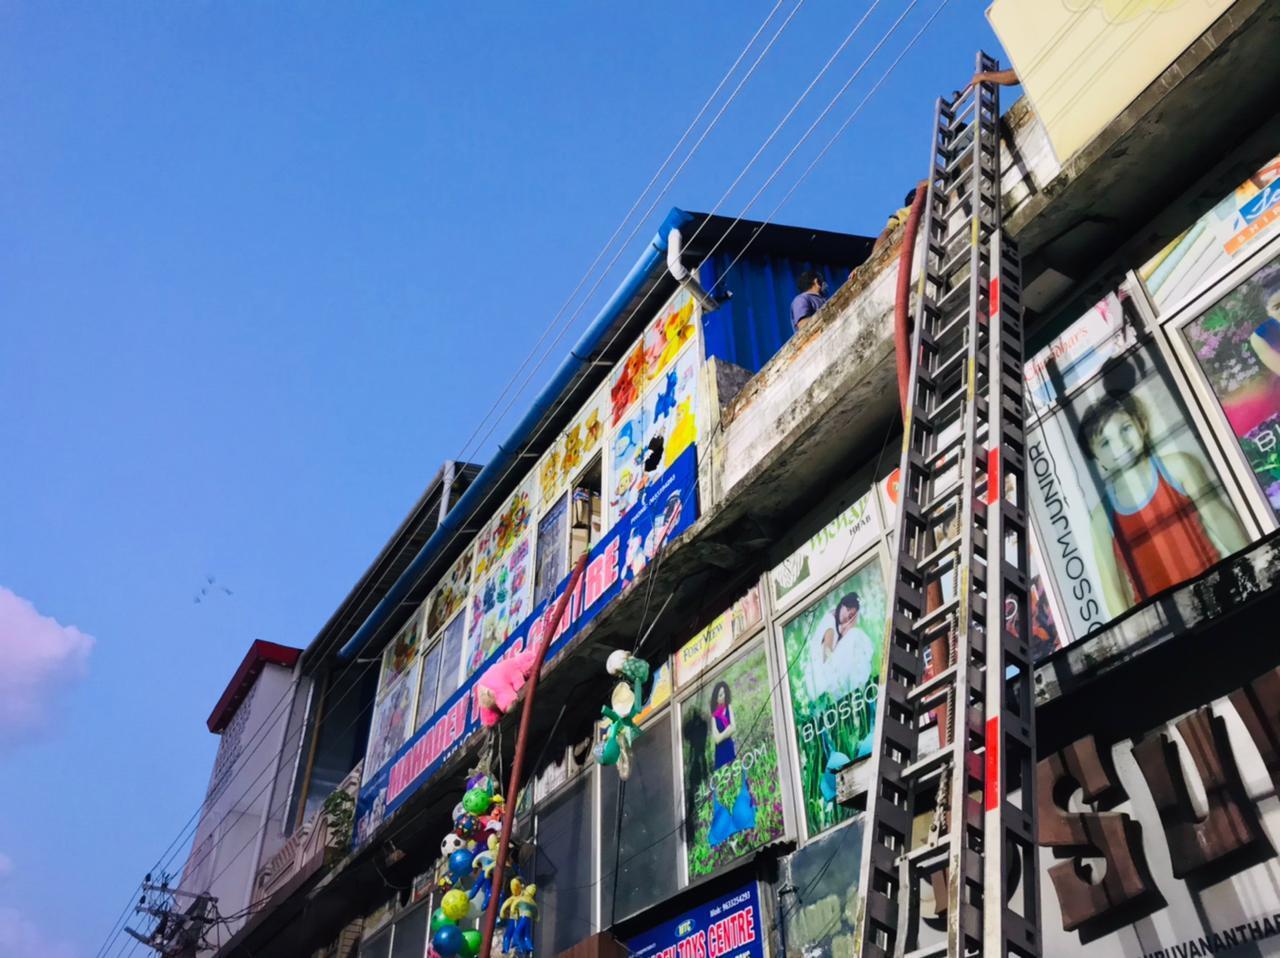 തിരുവനന്തപുരം ചാല കമ്പോളത്തില് തീപിടുത്തം, ചിത്രങ്ങള്